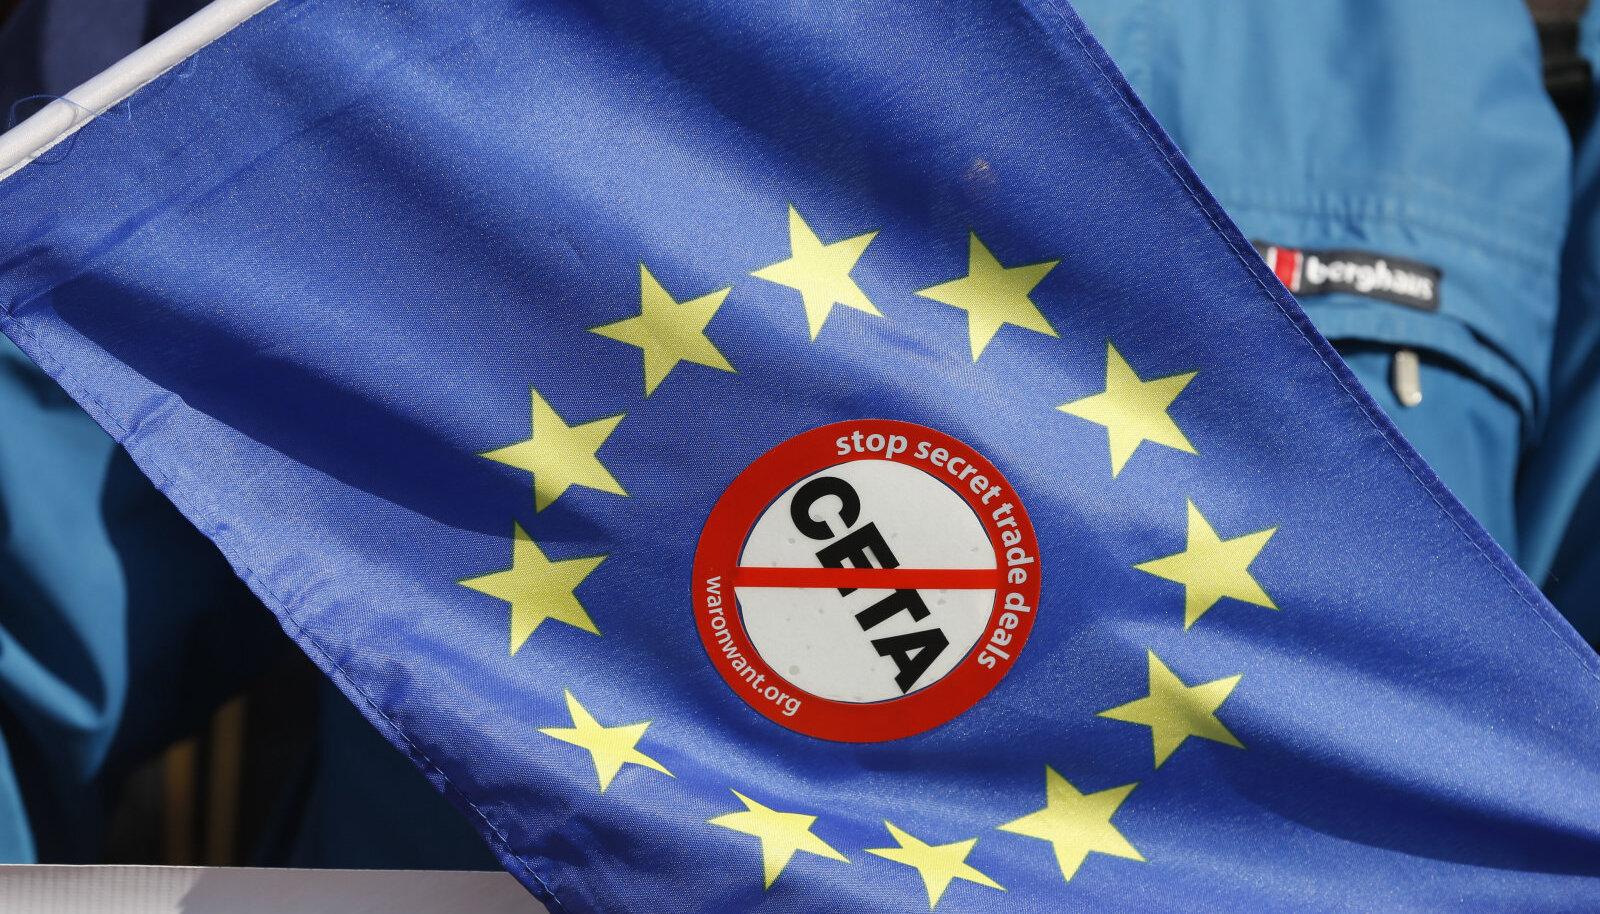 CETA-vastane meeleavaldus Prantsusmaal Strasbourgis